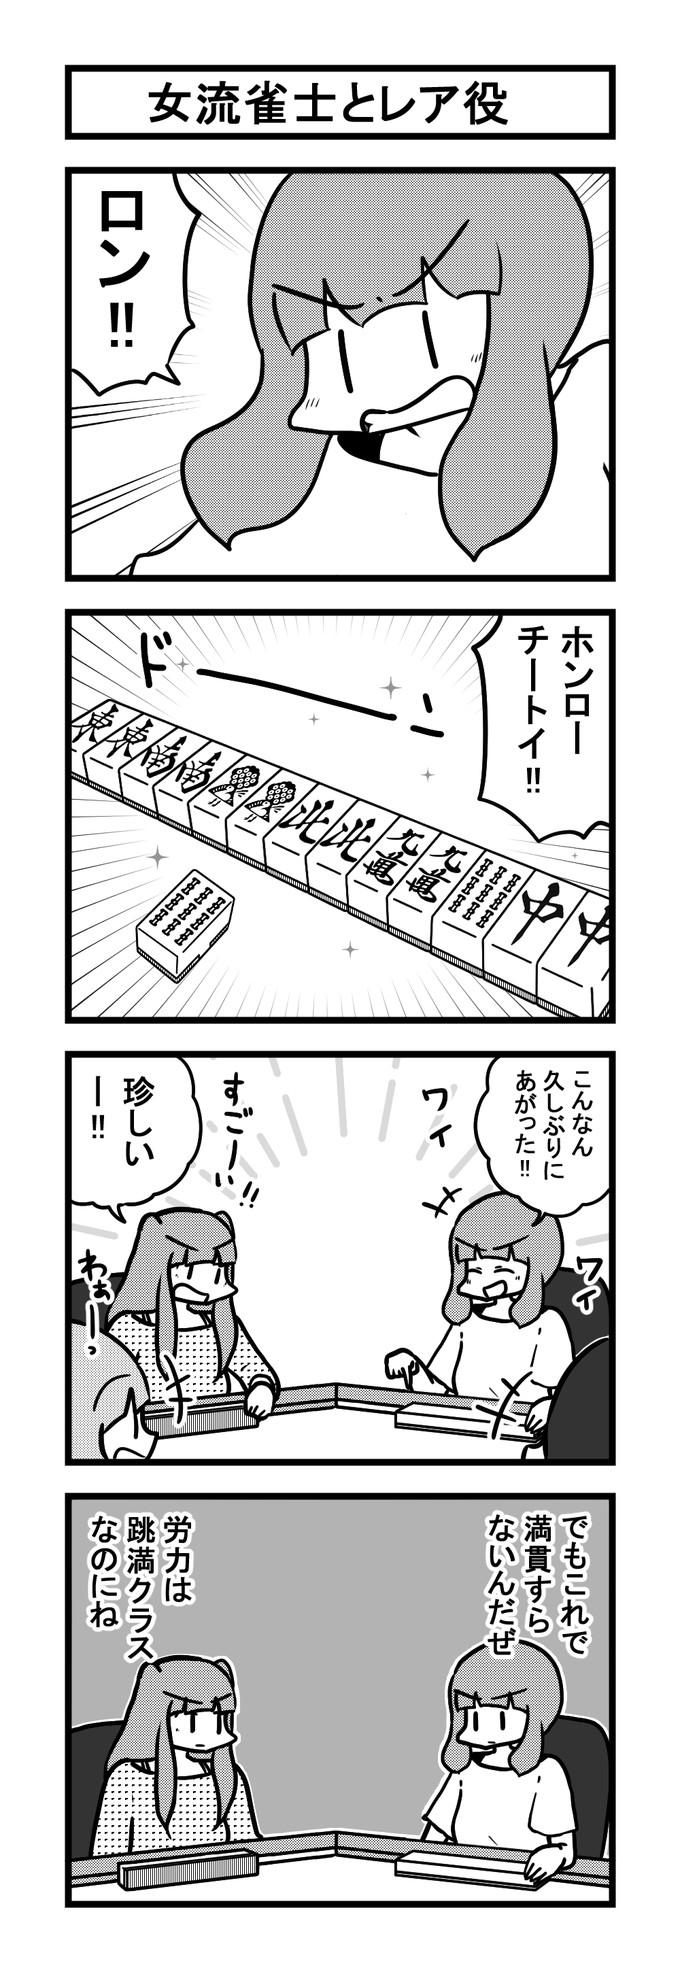 951女流雀士とレア役-min